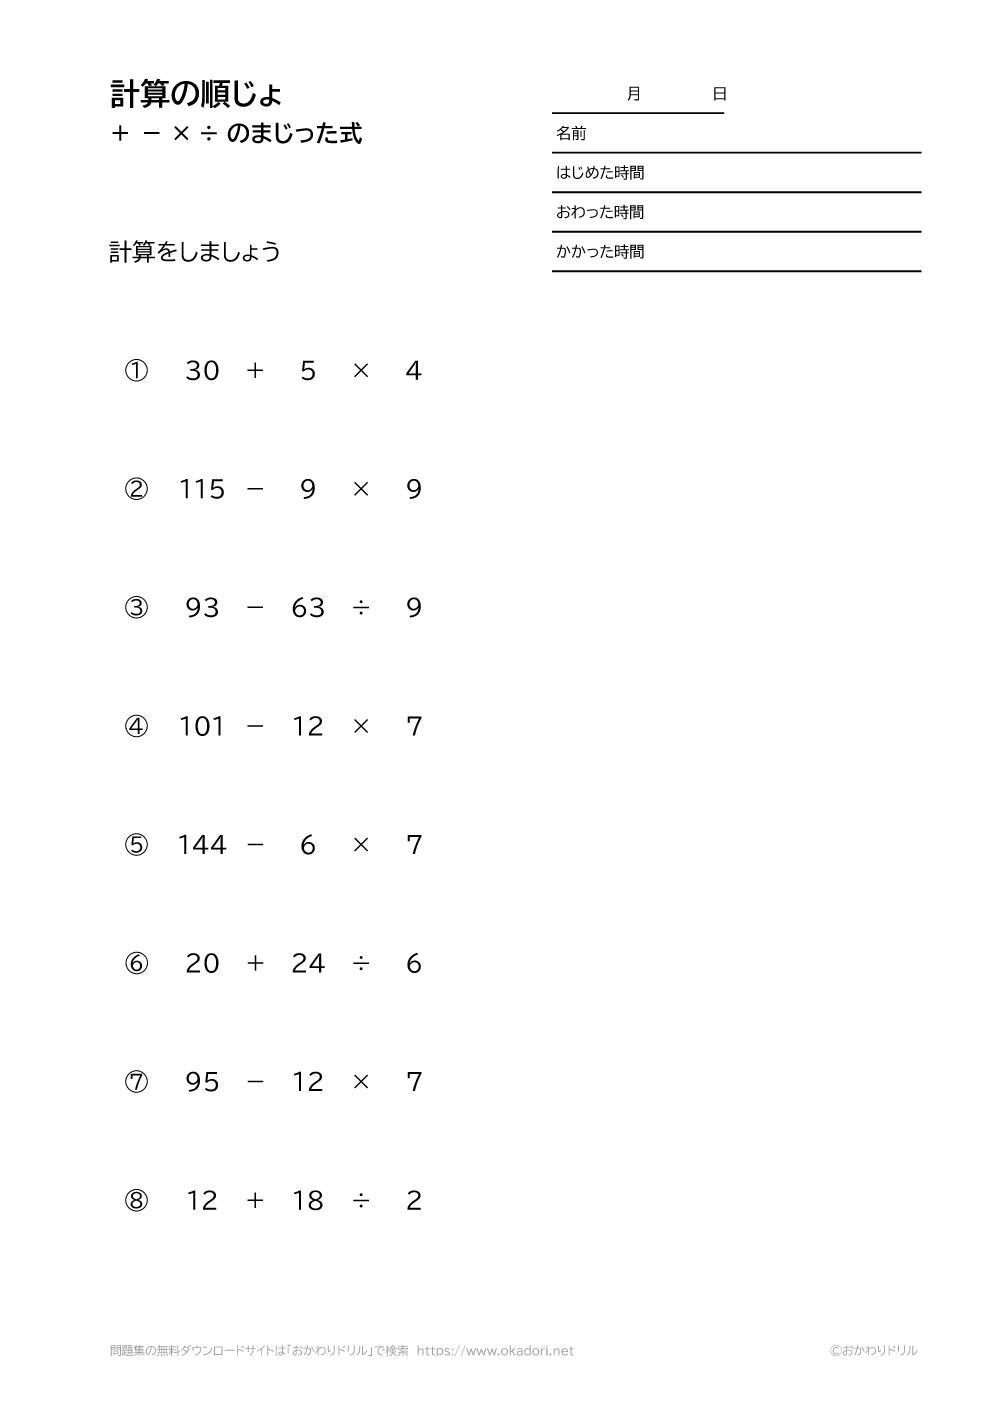 計算の順序+-×÷のまじった式-1-1